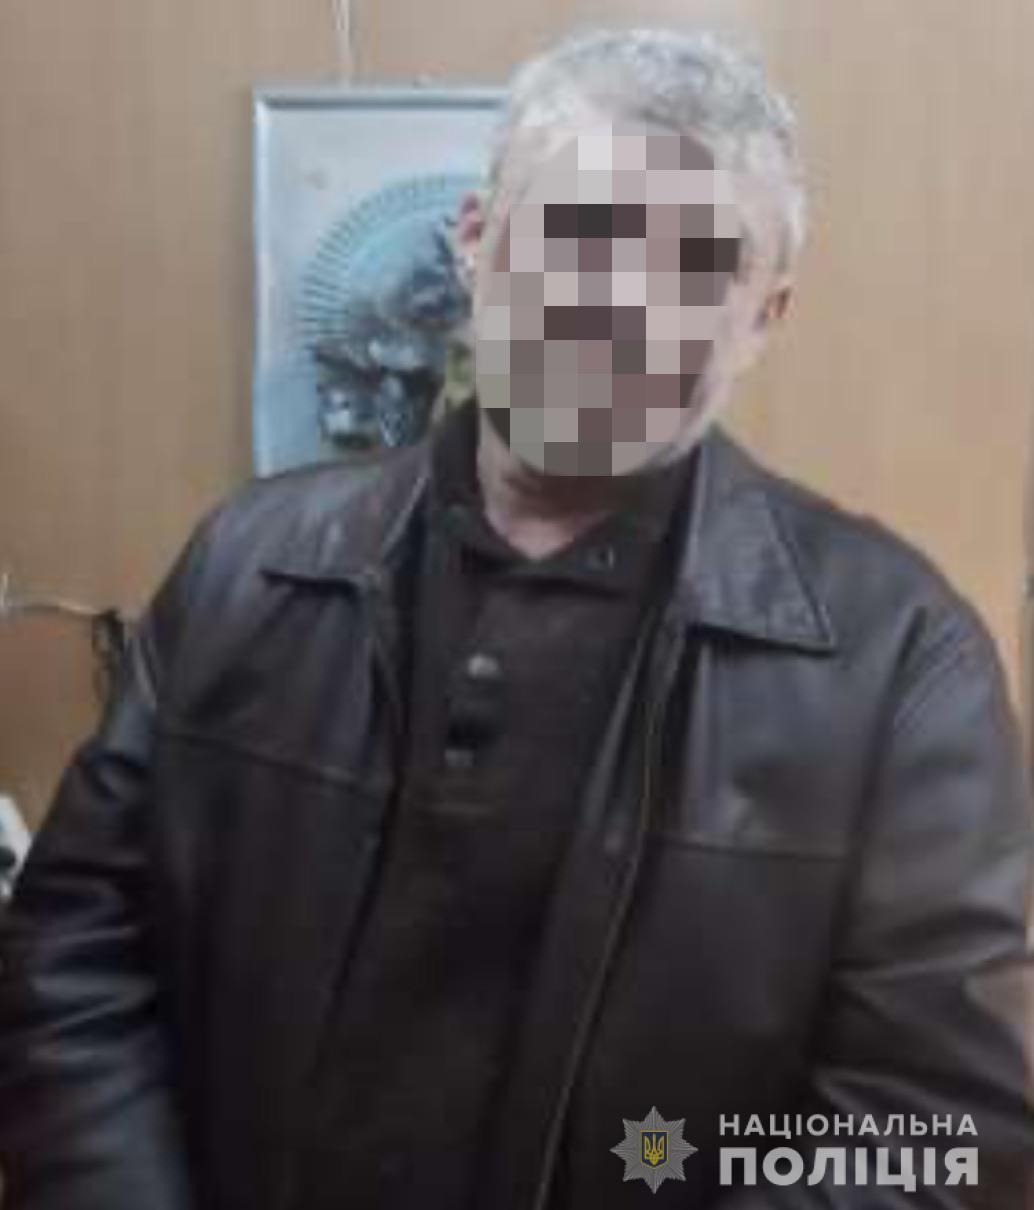 За вбивство на Ставищанщині затримали підозрюваного, який 10 років переховувався від правосуддя -  - A30CE55C 5C2E 4D68 8424 96F5CBA62474